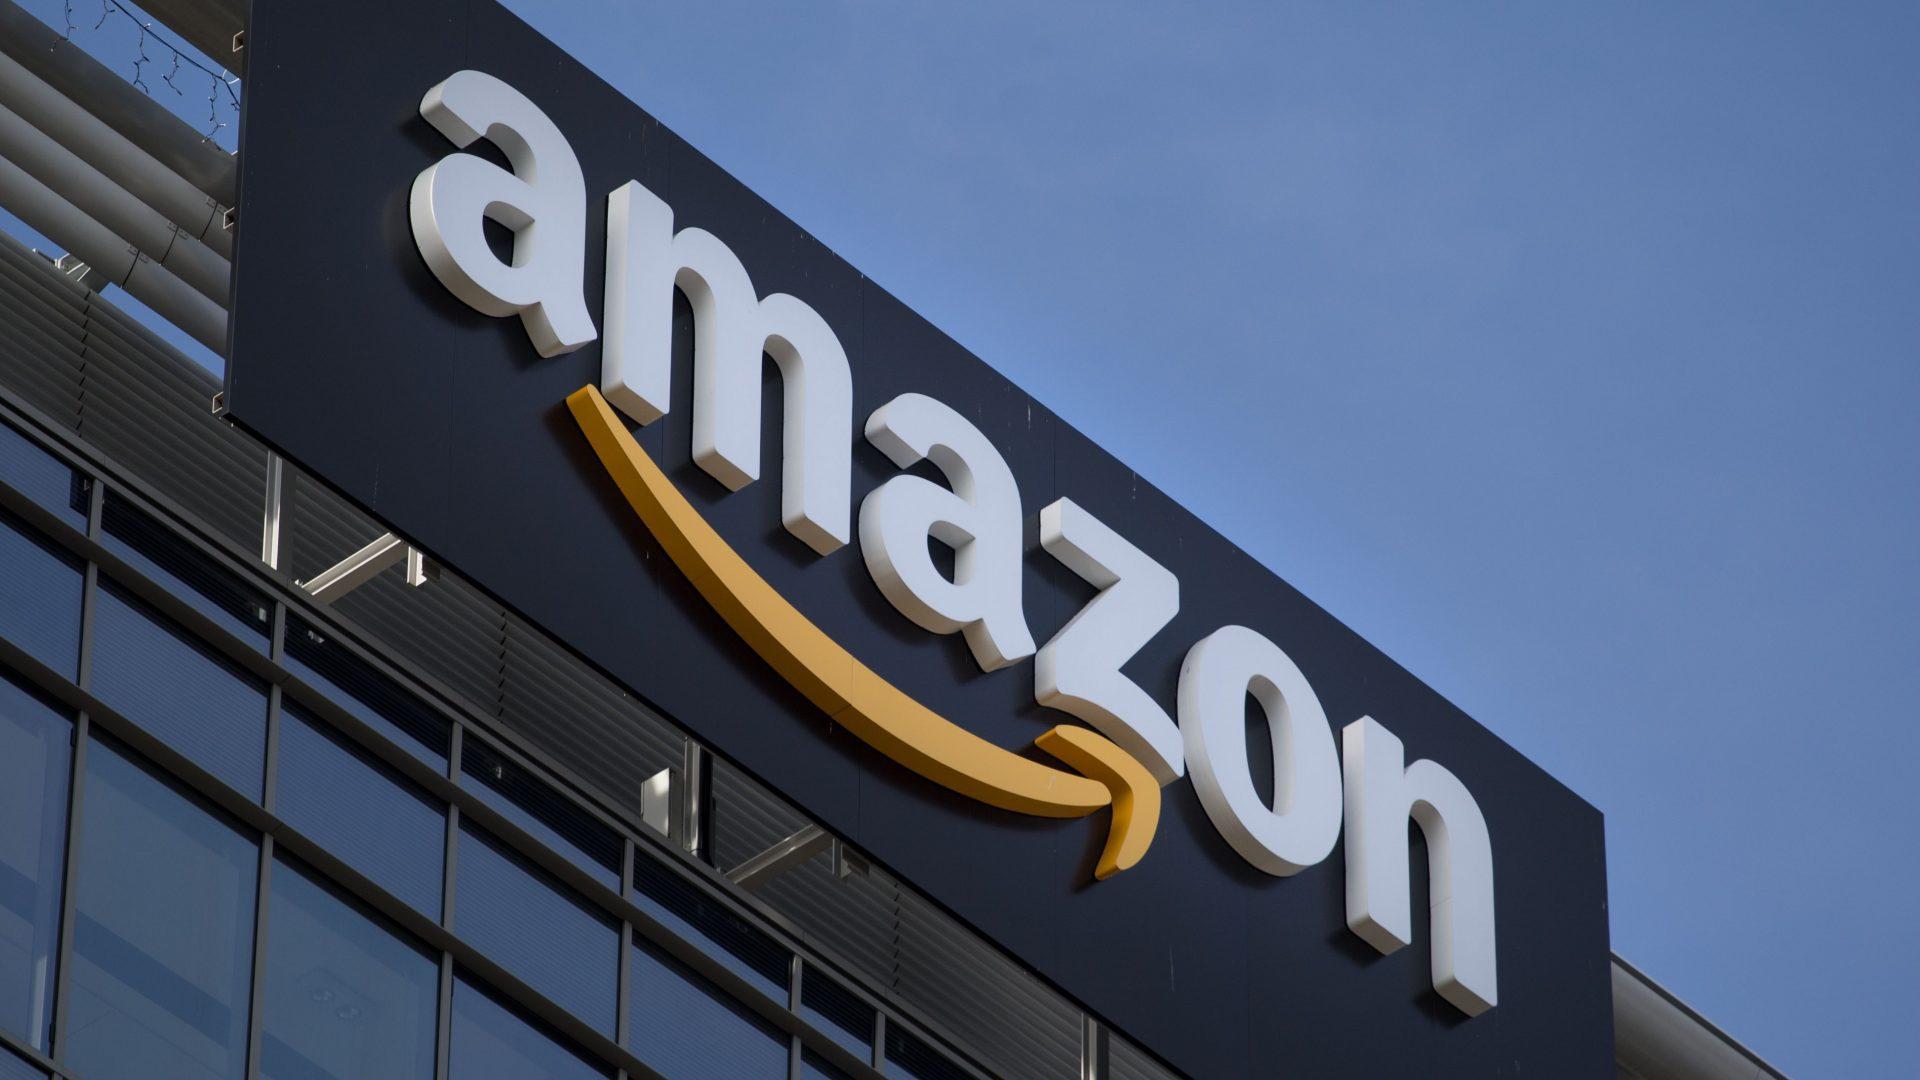 Az Amazon hatalmas lépést tett a podcast műsorok világában